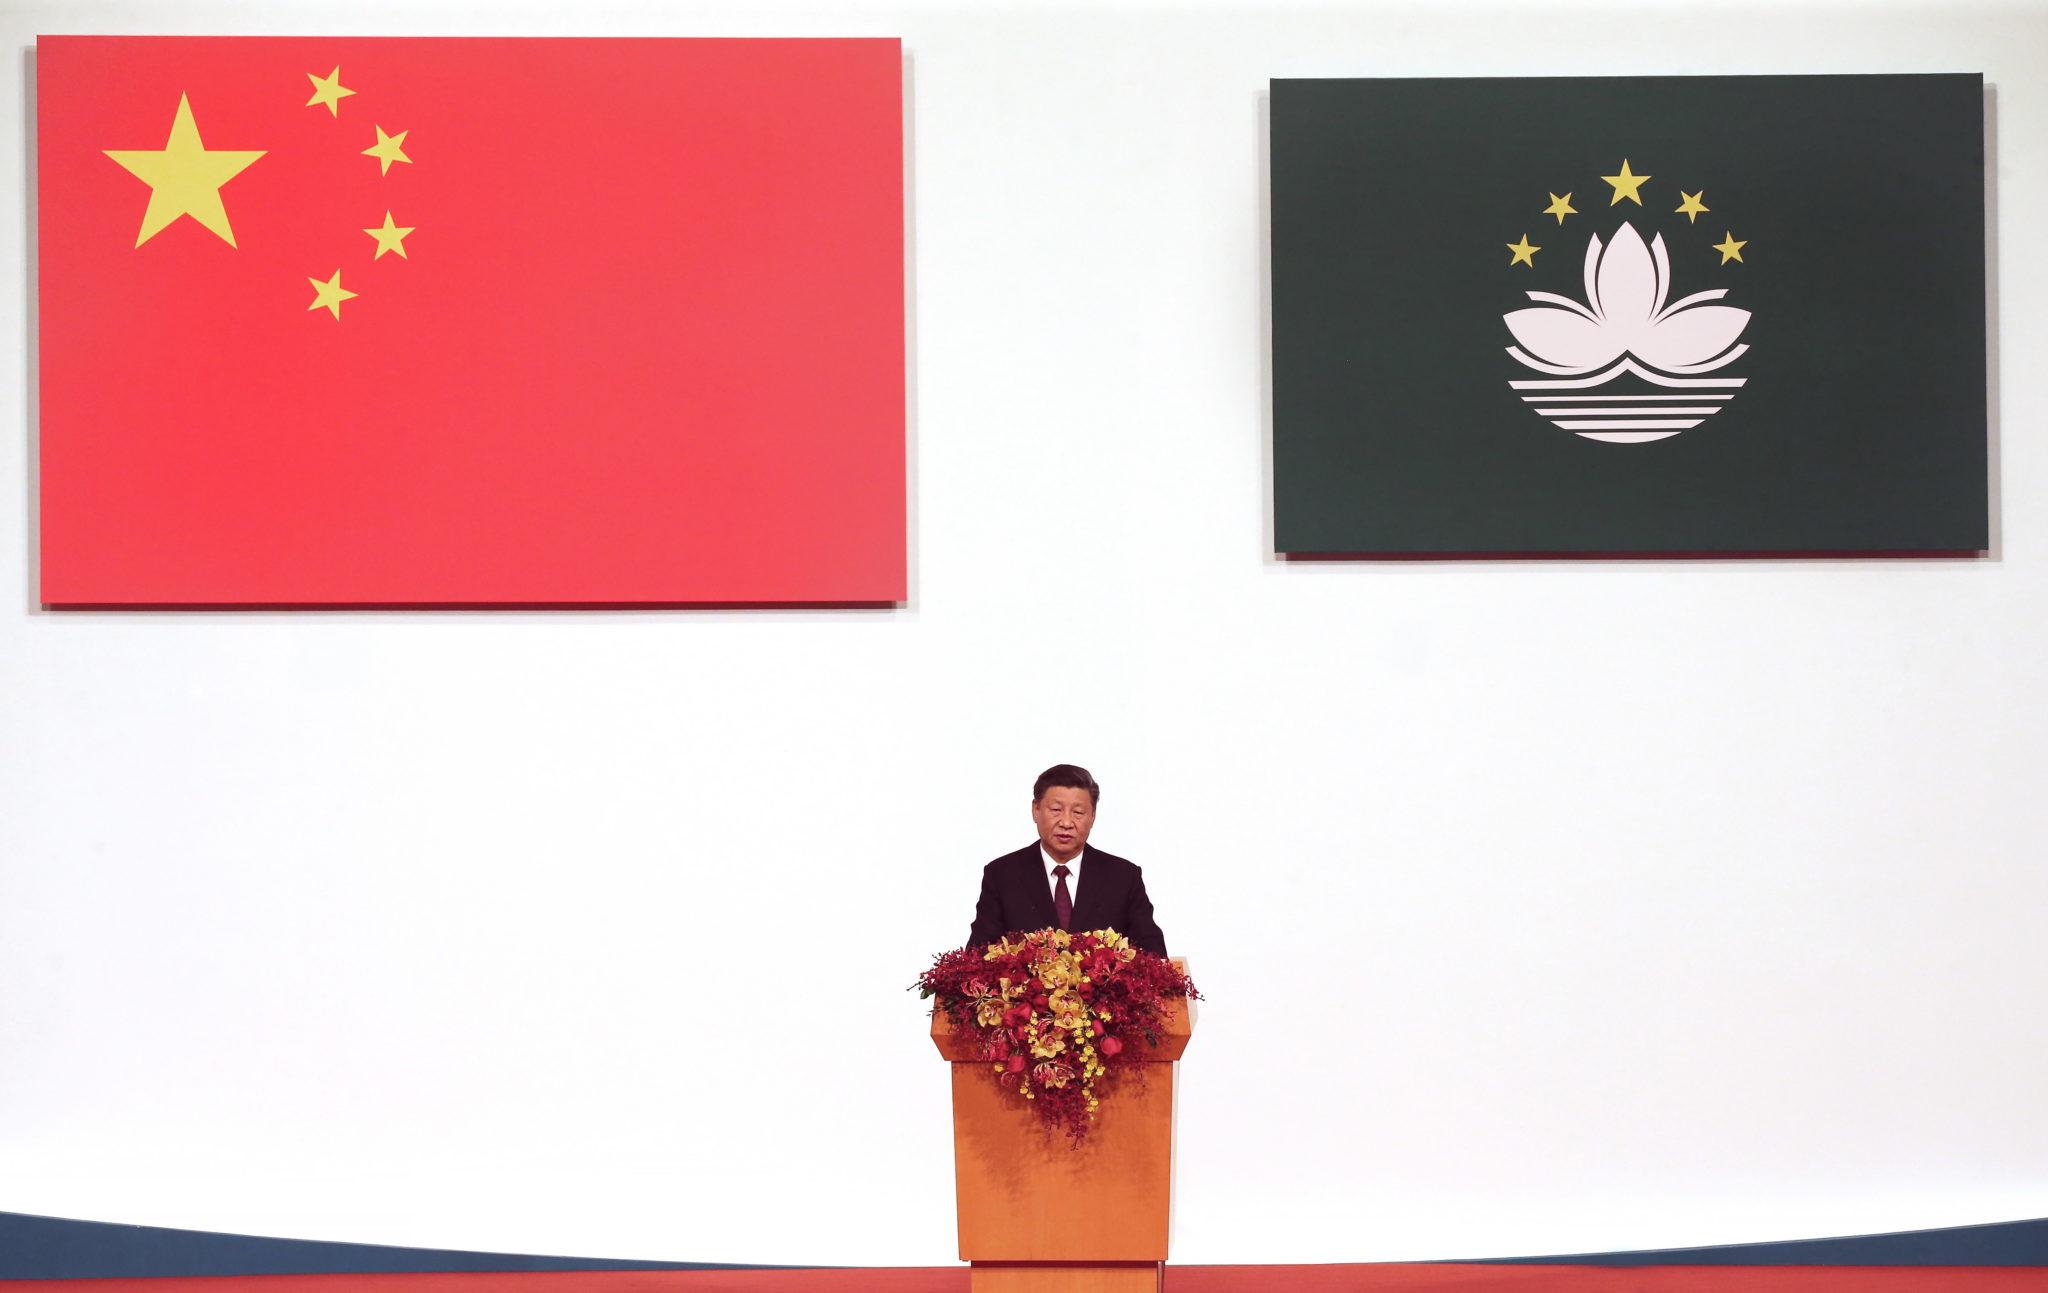 Visita | Xi Jinping foi embora, mas deixou quatro tarefas para o Governo da RAEM